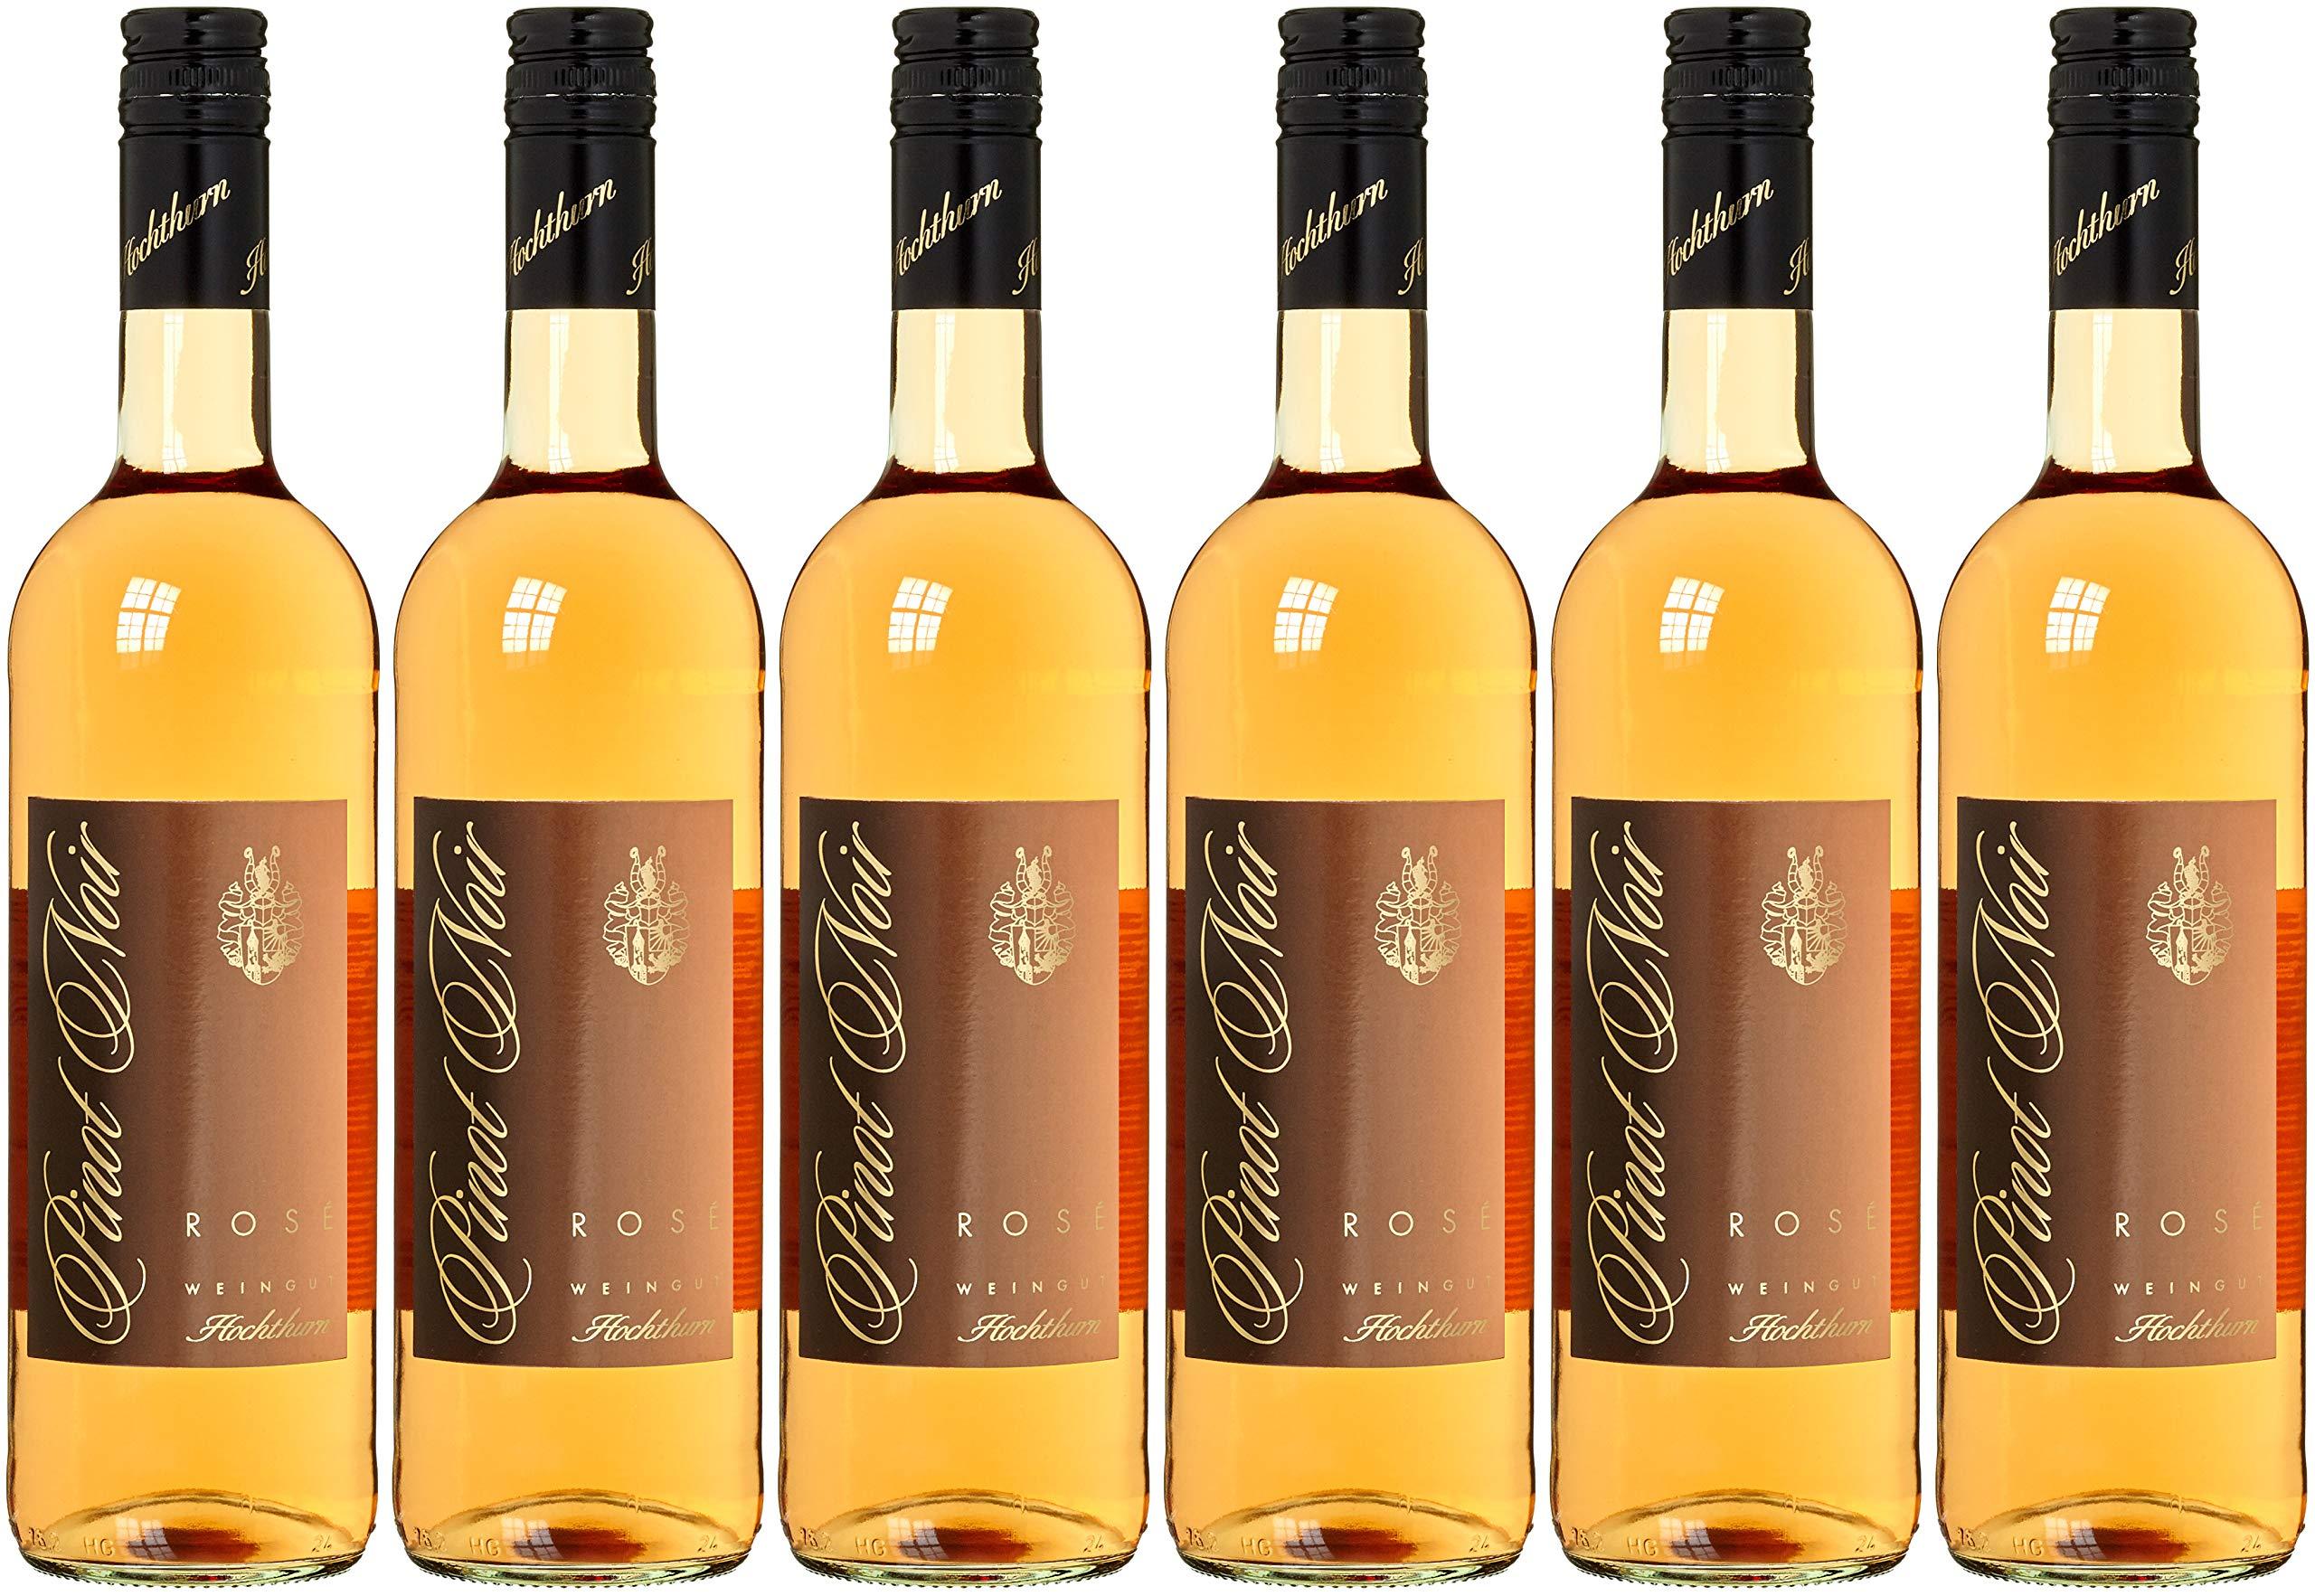 Weingut-Achim-Hochthurn-Sortenreines-Paket-von-6-Flaschen-Sptburgunder-trocken-6-x-075-l